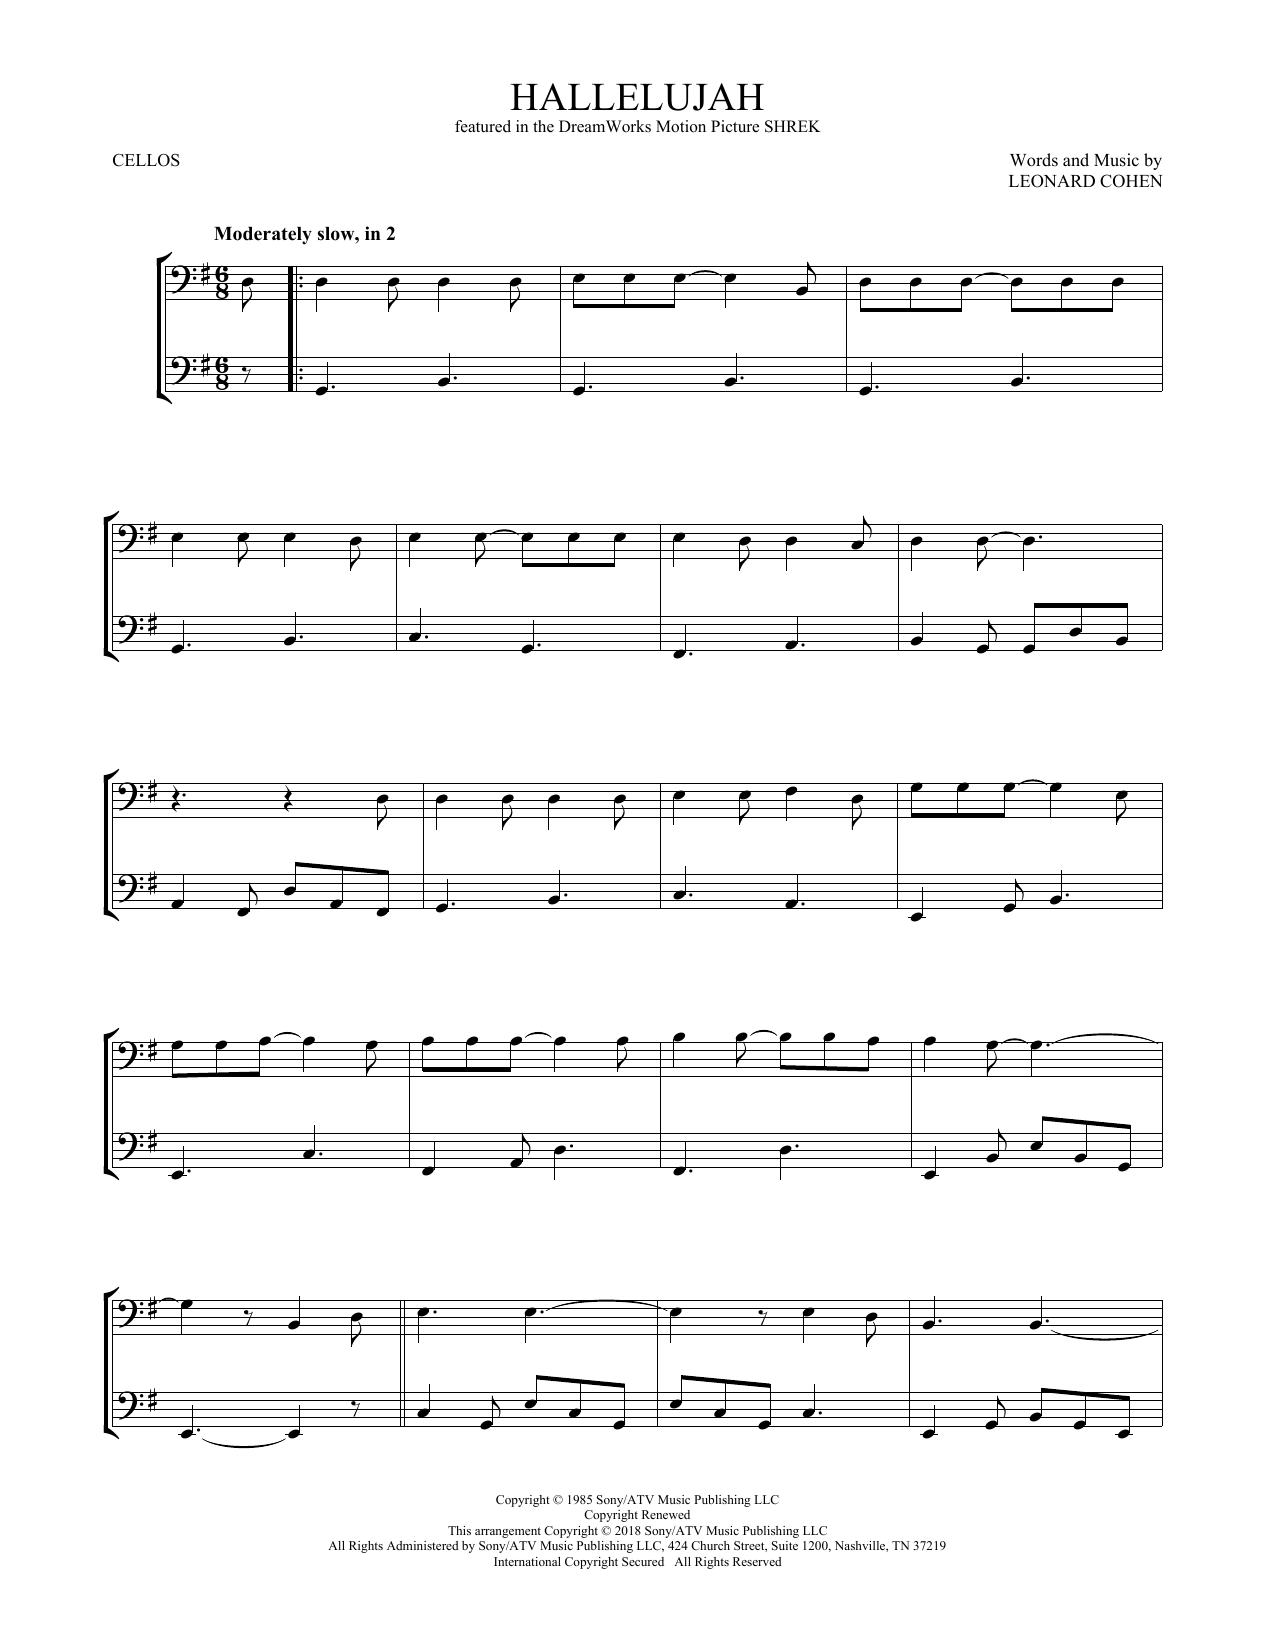 Leonard Cohen Hallelujah Sheet Music Notes Chords Download Printable Vcldt Sku 408497